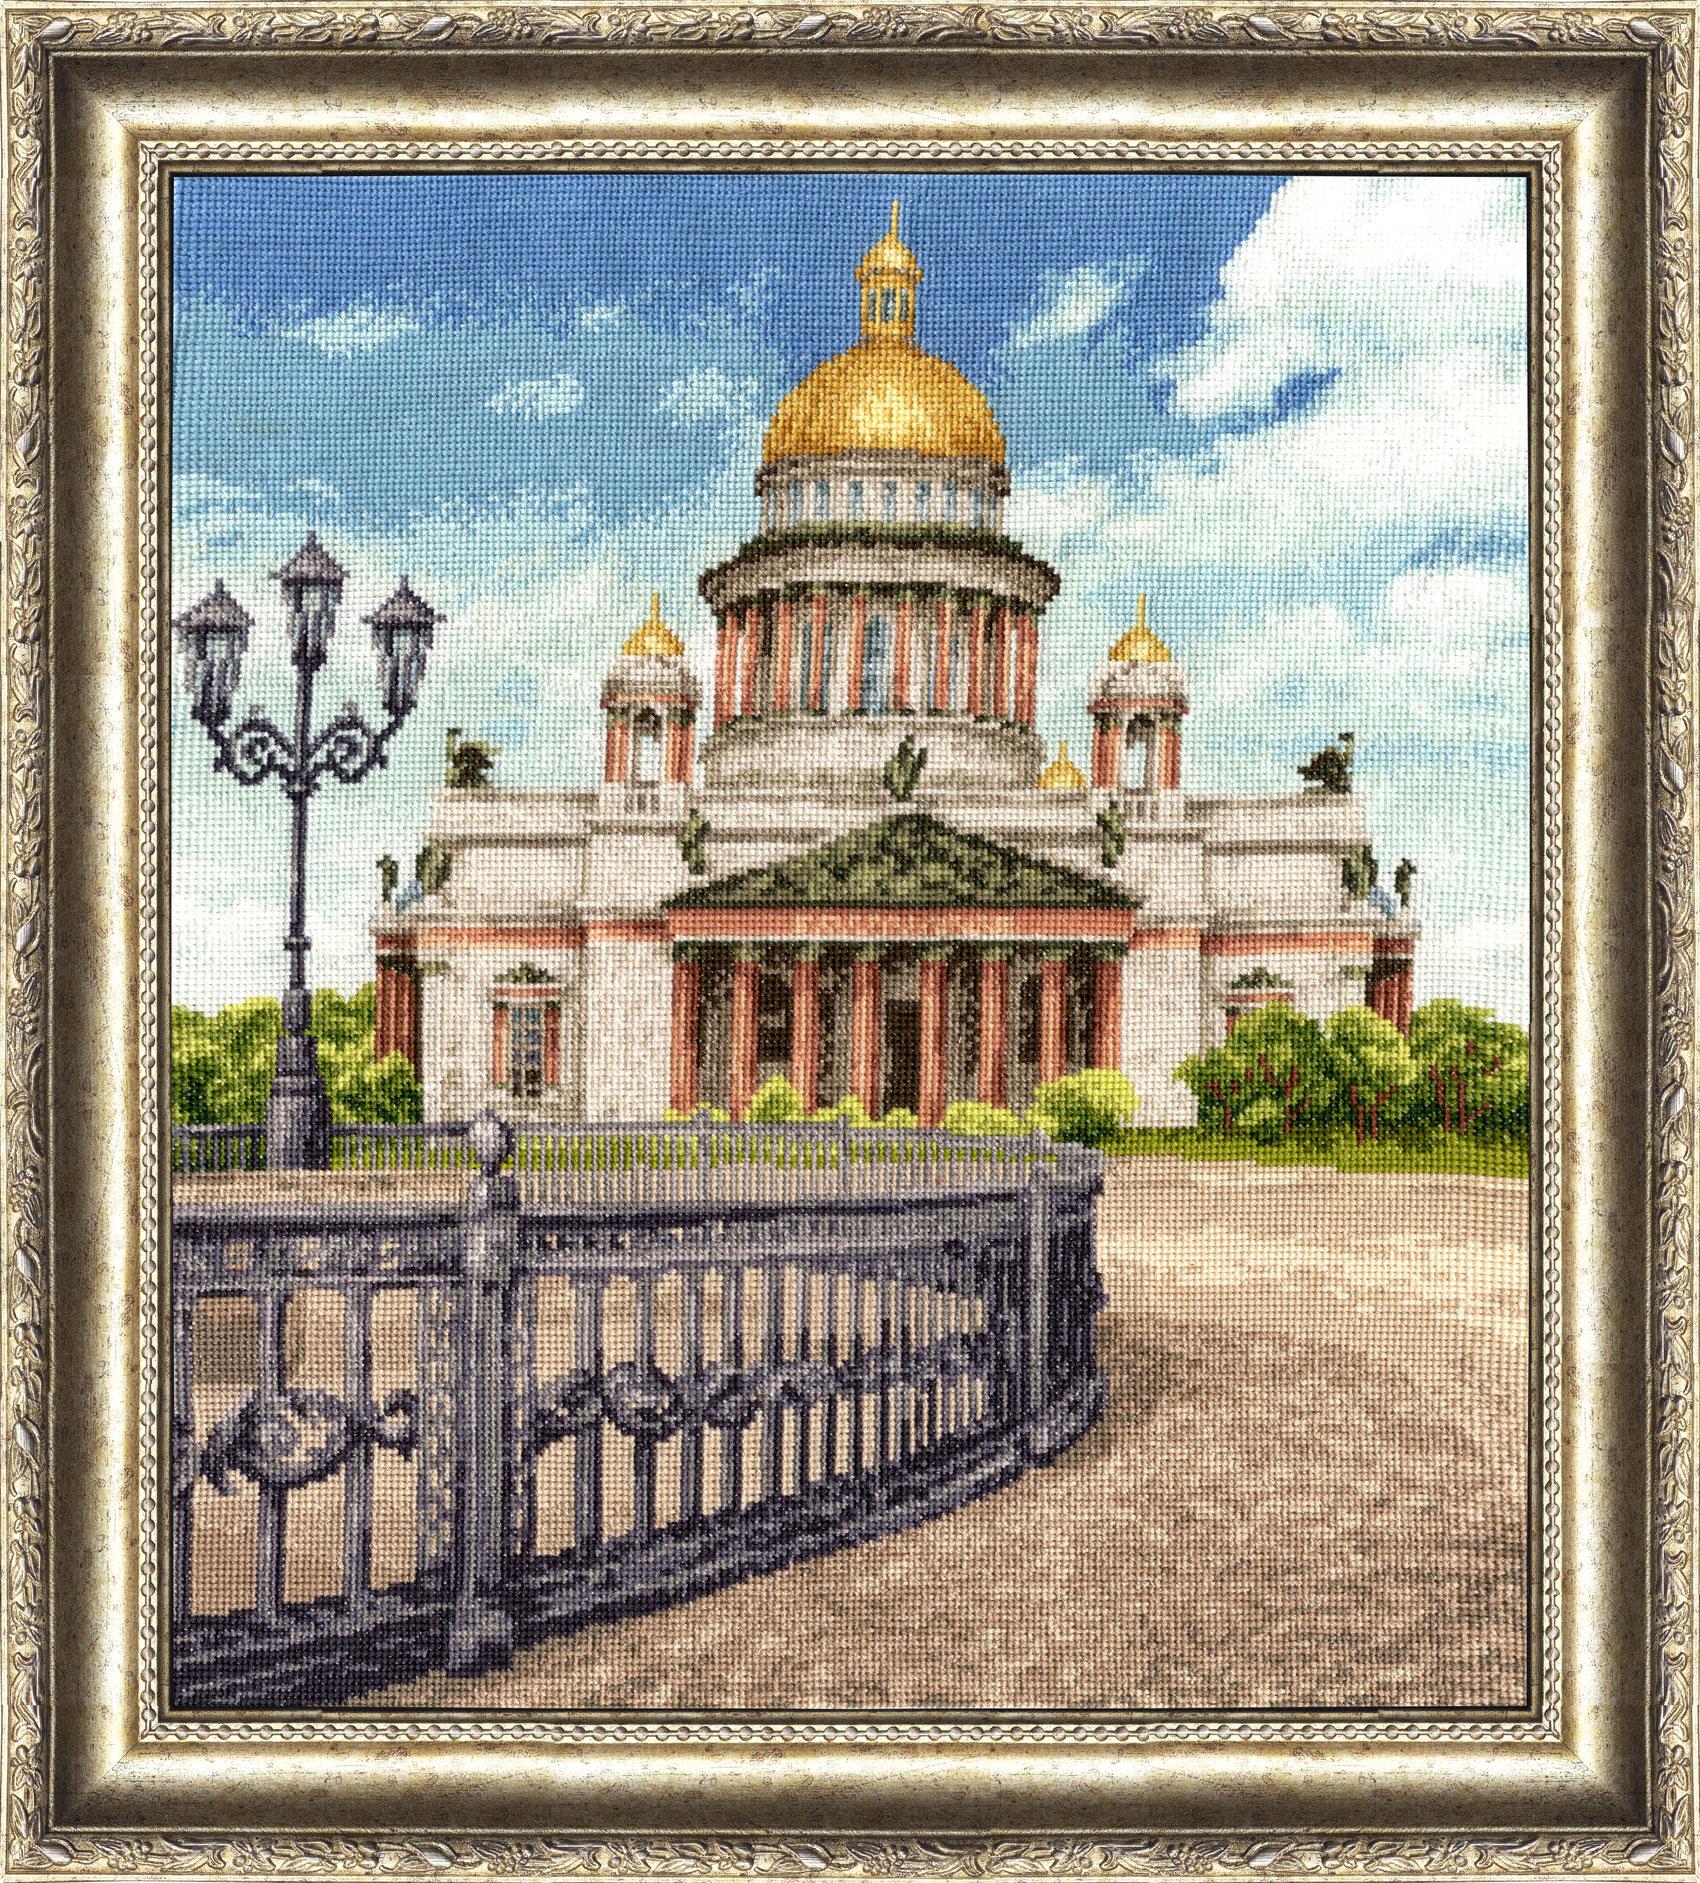 Виды петербурга вышивка крестом